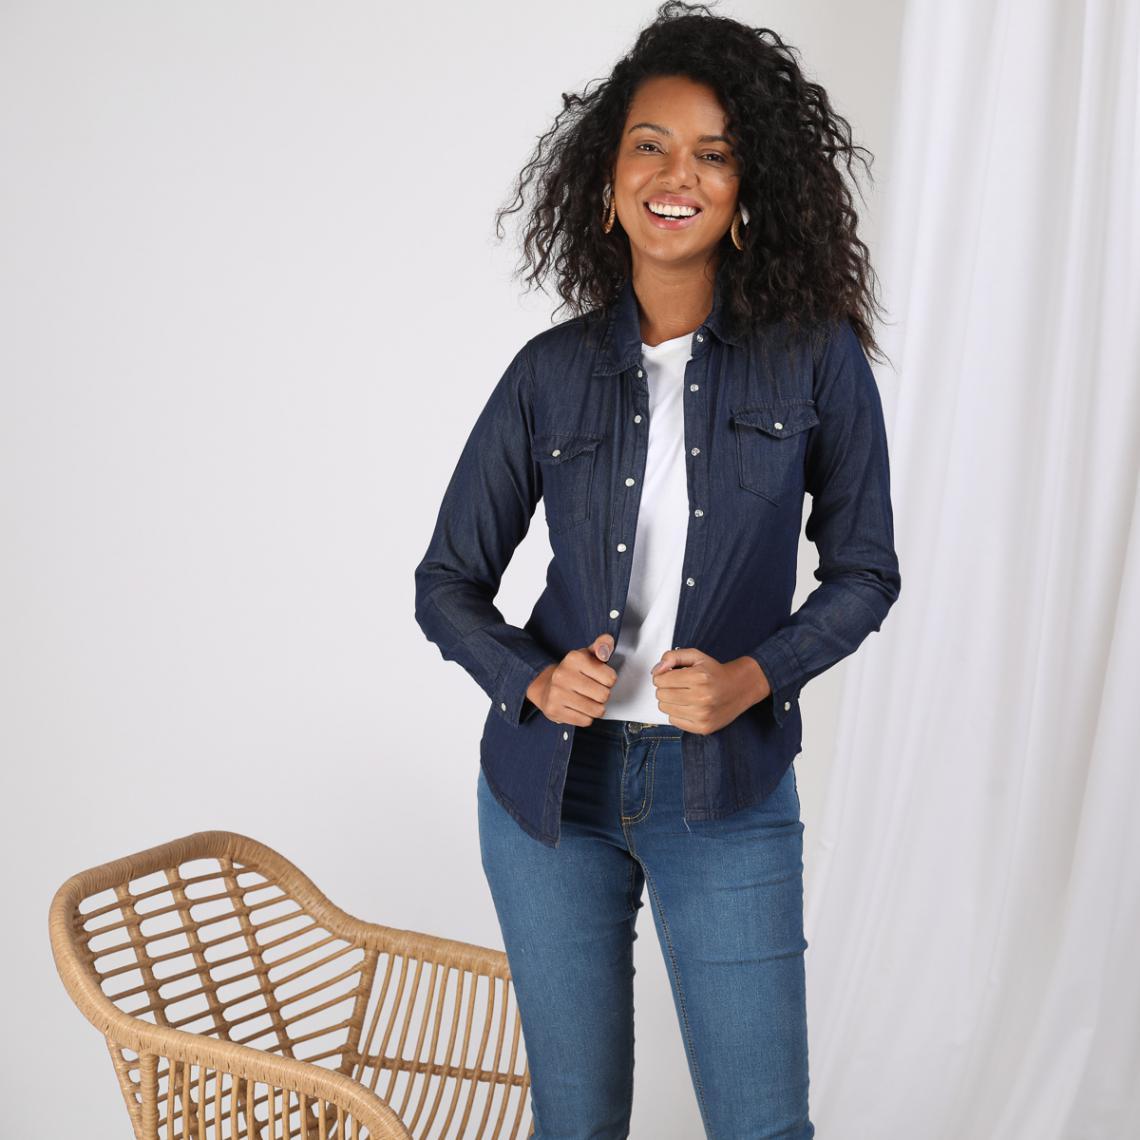 Chemise en jean à pressions manches longues femme bleu foncé 2 Avis Plus de détails